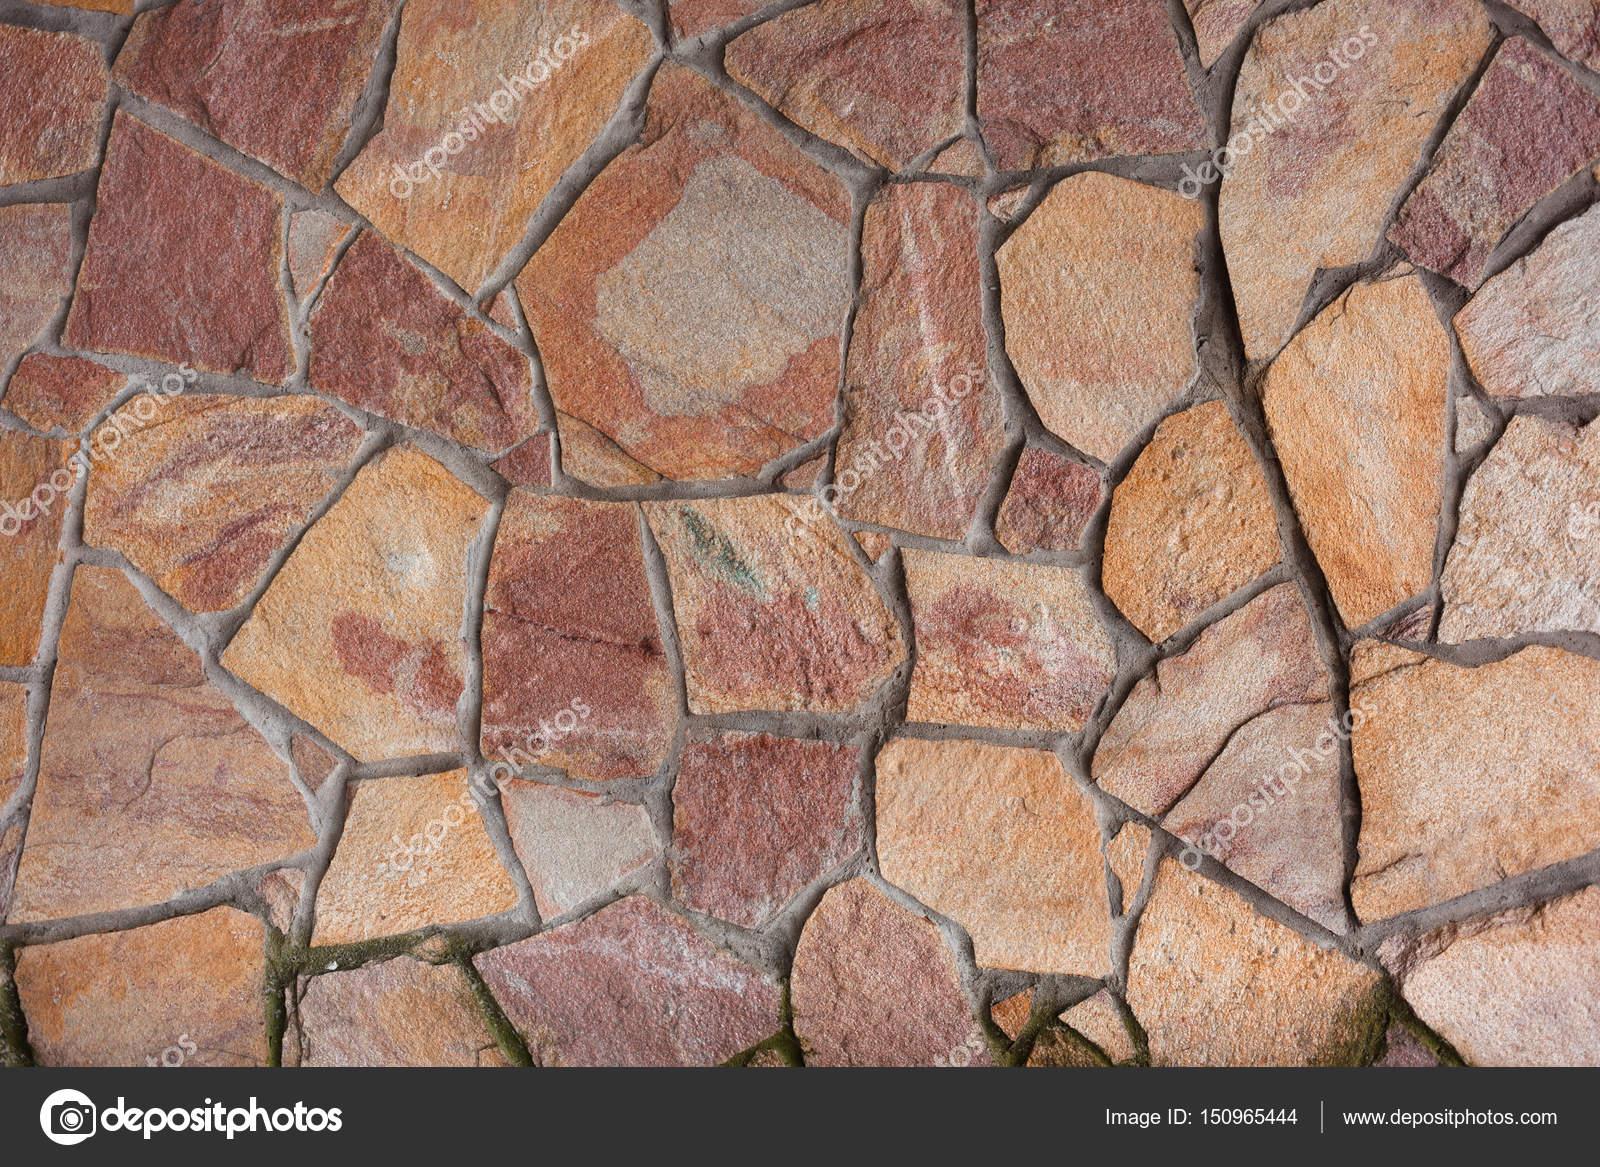 Nice Grunge Hintergrund Mit Abblätternde Farbe. Alte Wand Hintergrund.  Gebrochene Farbe, Die Durch Feuchtigkeit Verursacht. Nahaufnahme Von  Peeling Gemalt ...